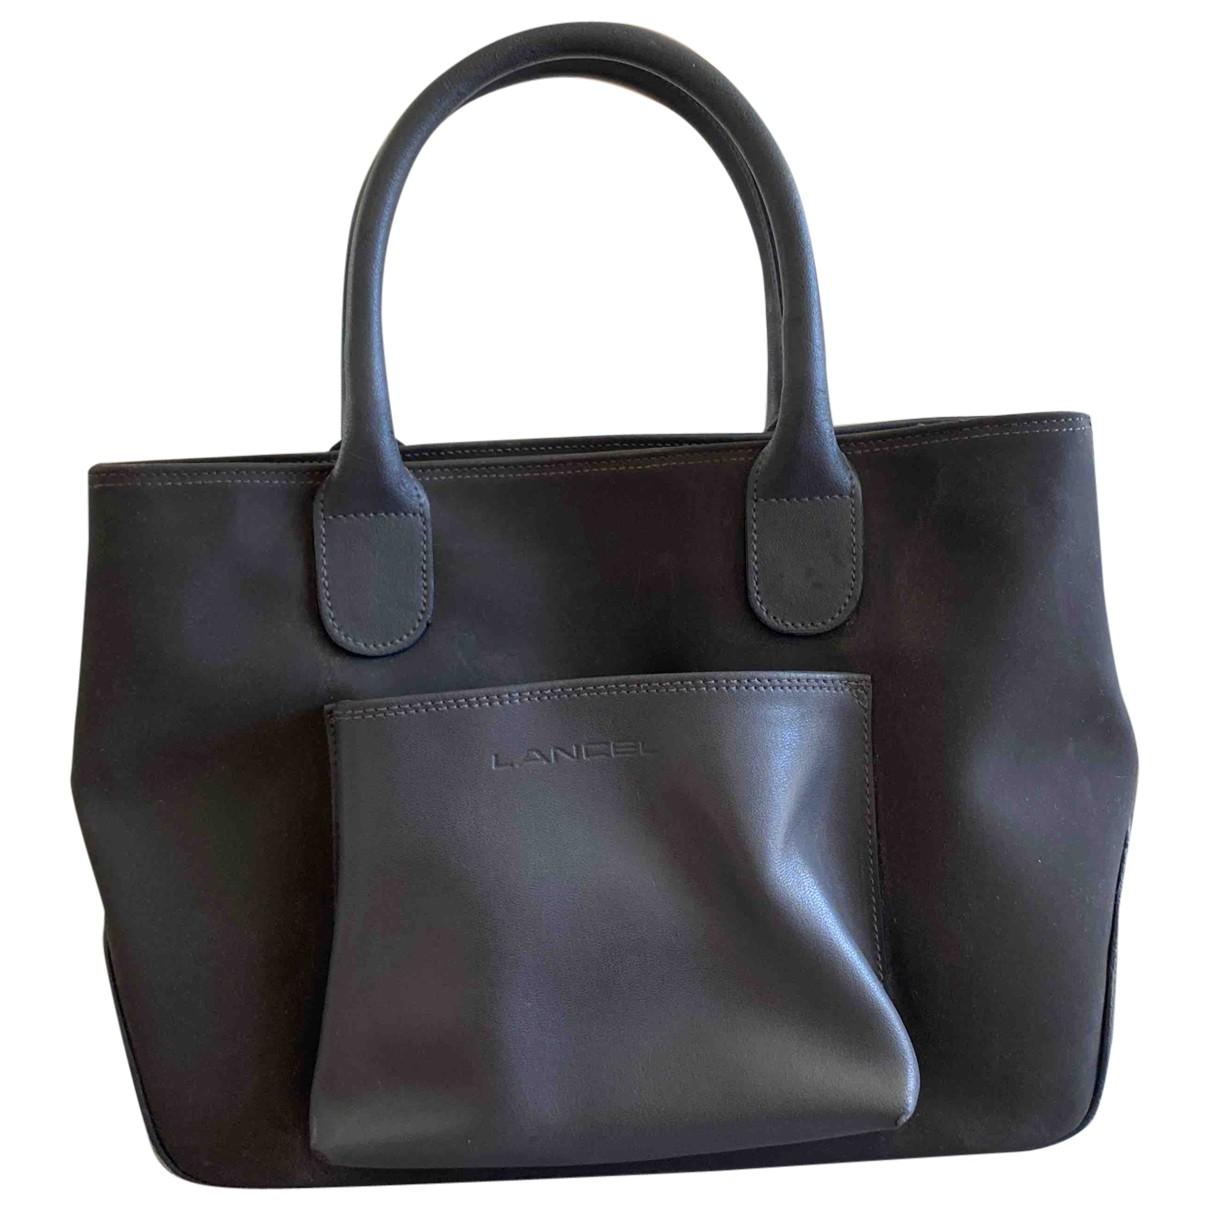 Lancel - Sac a main   pour femme en cuir - gris